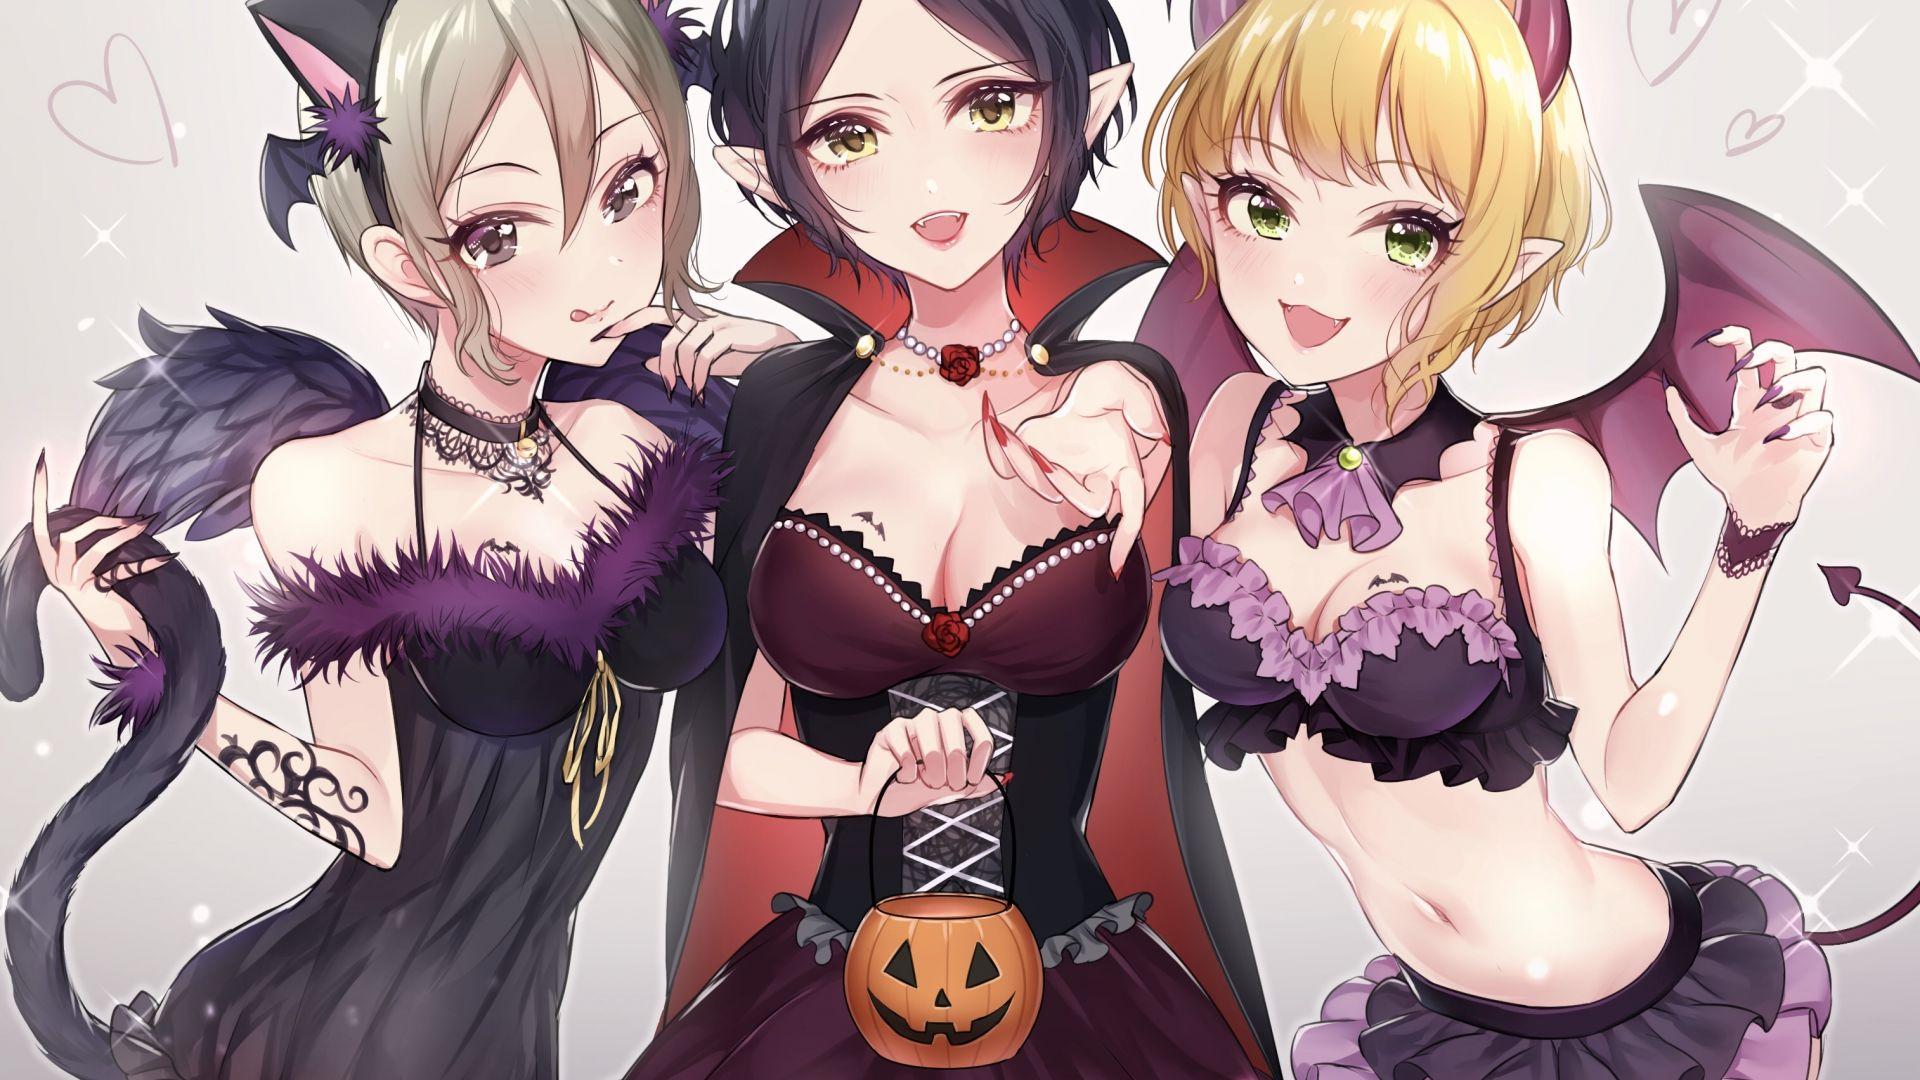 Wallpaper Friends, anime girls, halloween